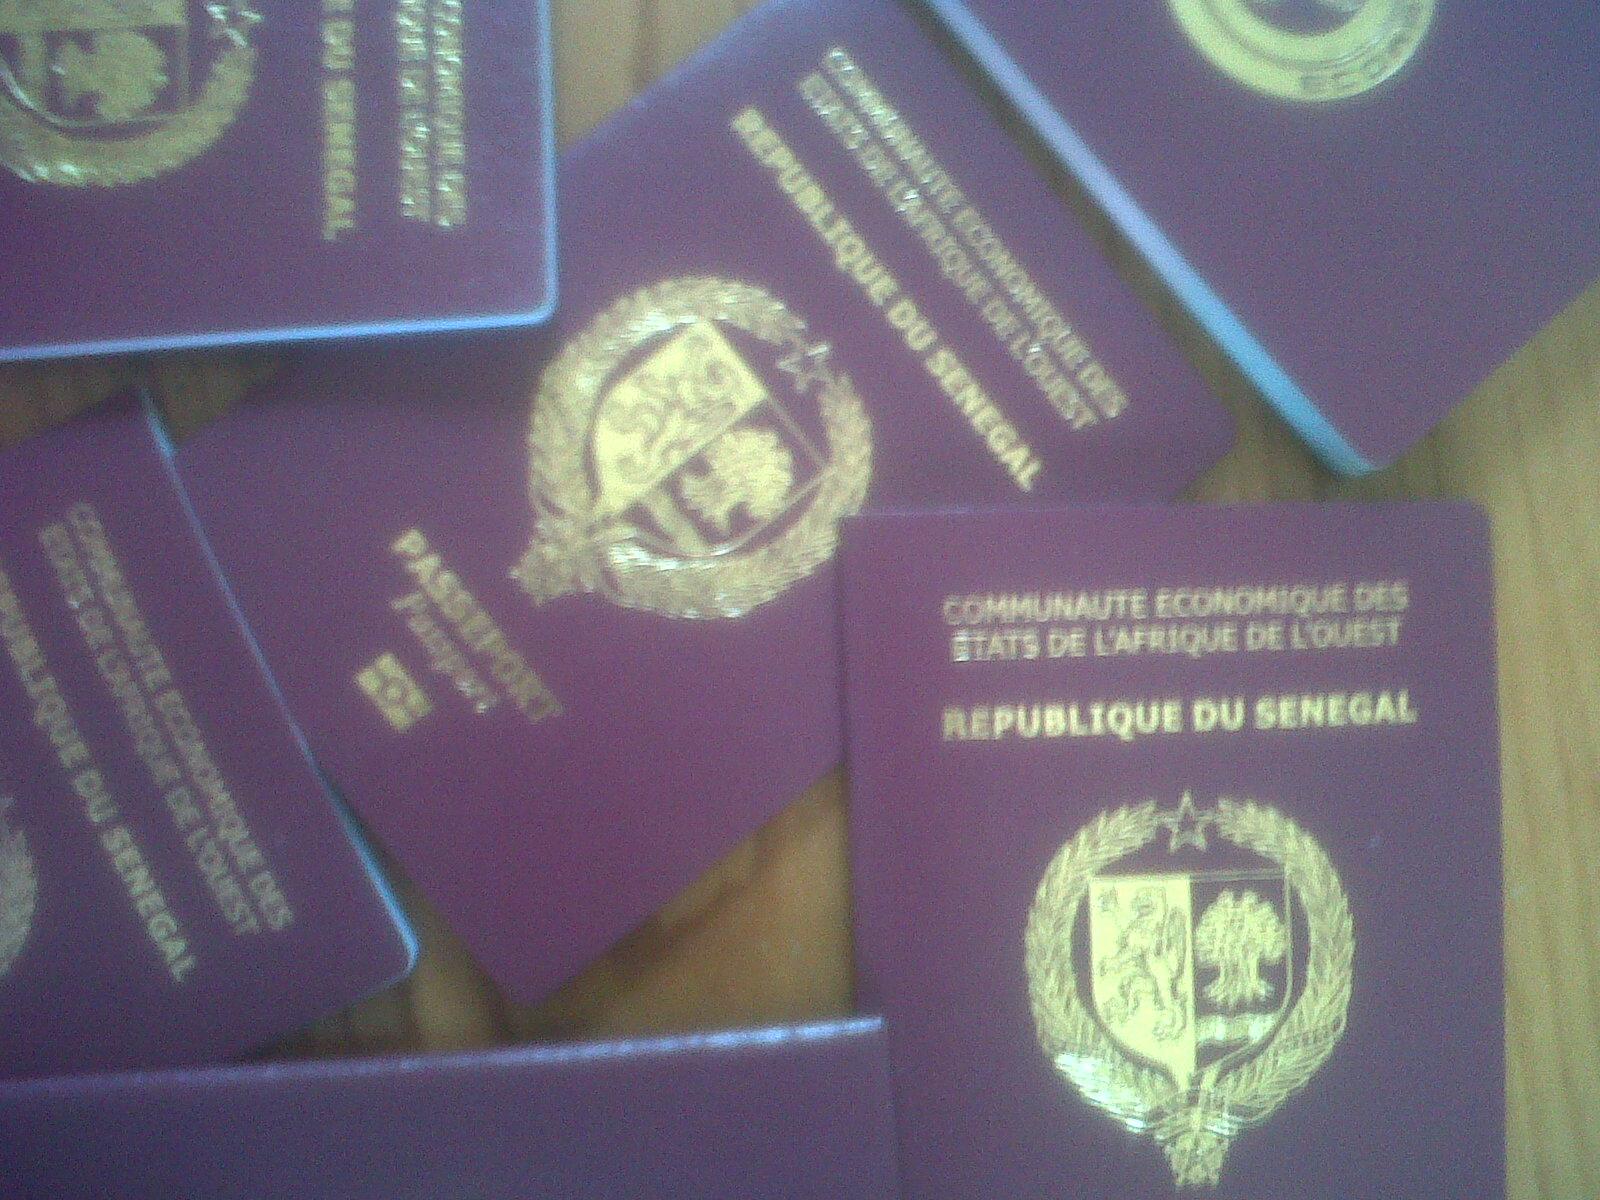 Procédure pour la demande de passeport au sénégal groupe info etudes